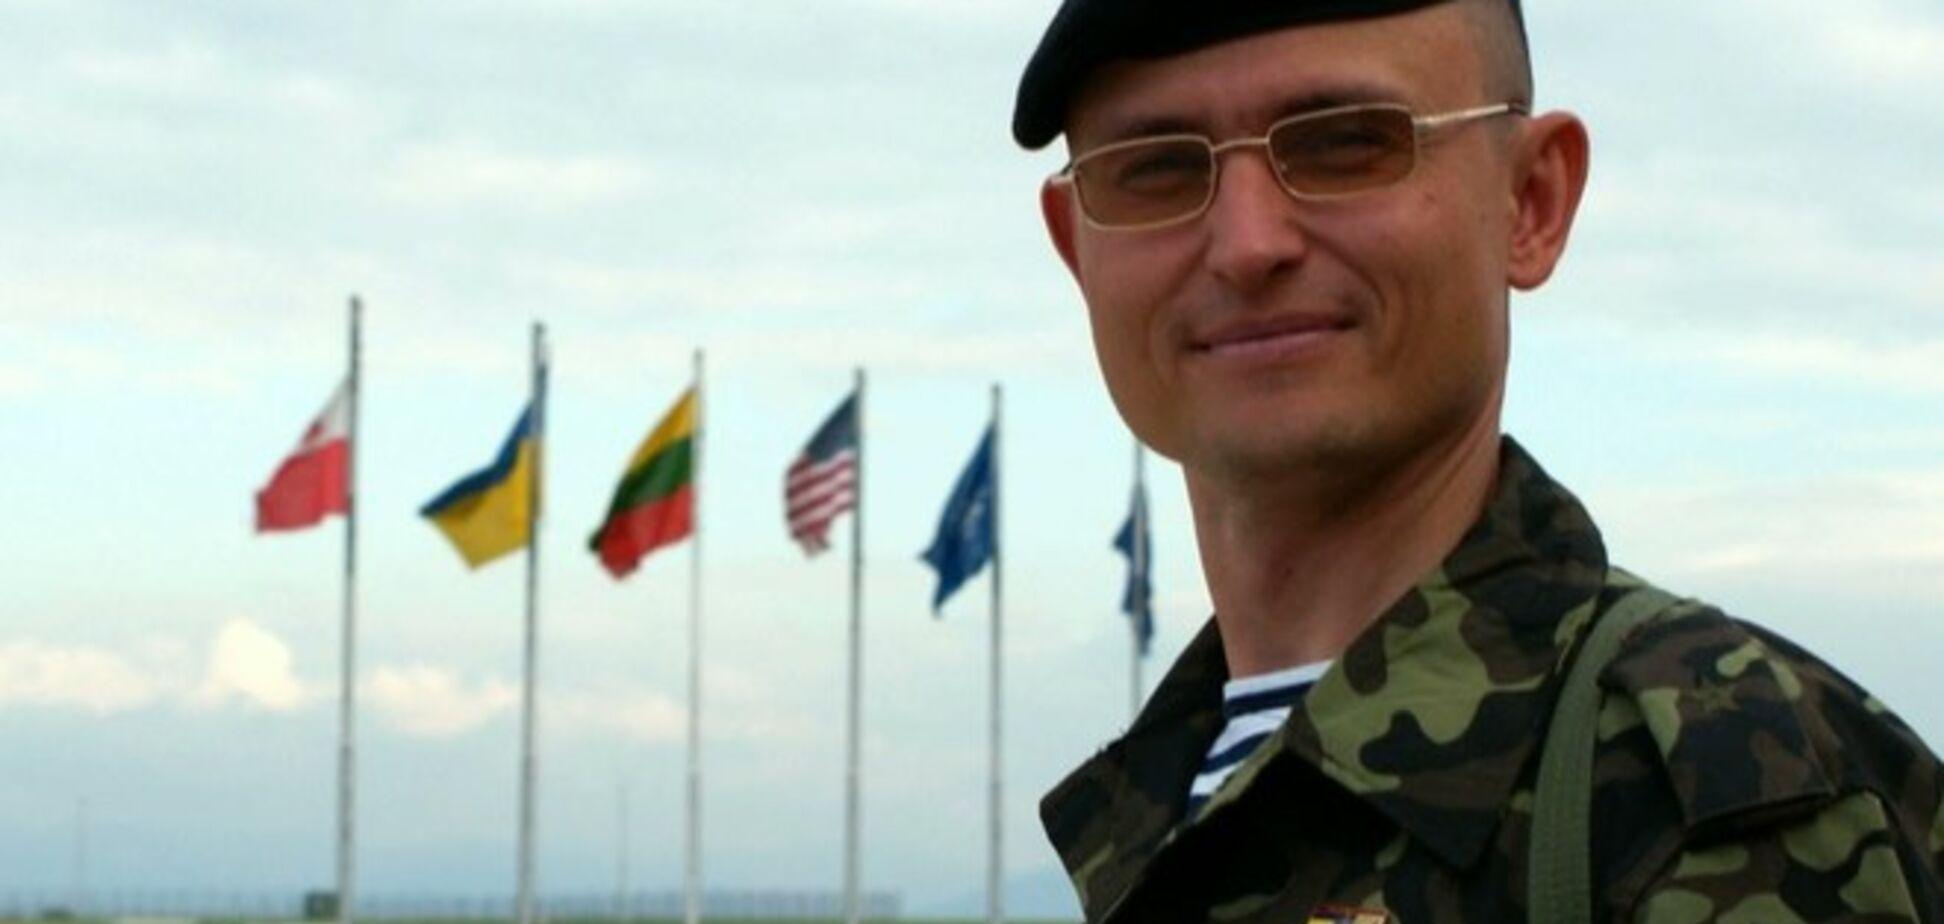 Официальным представителем АТО назначен офицер Селезнев